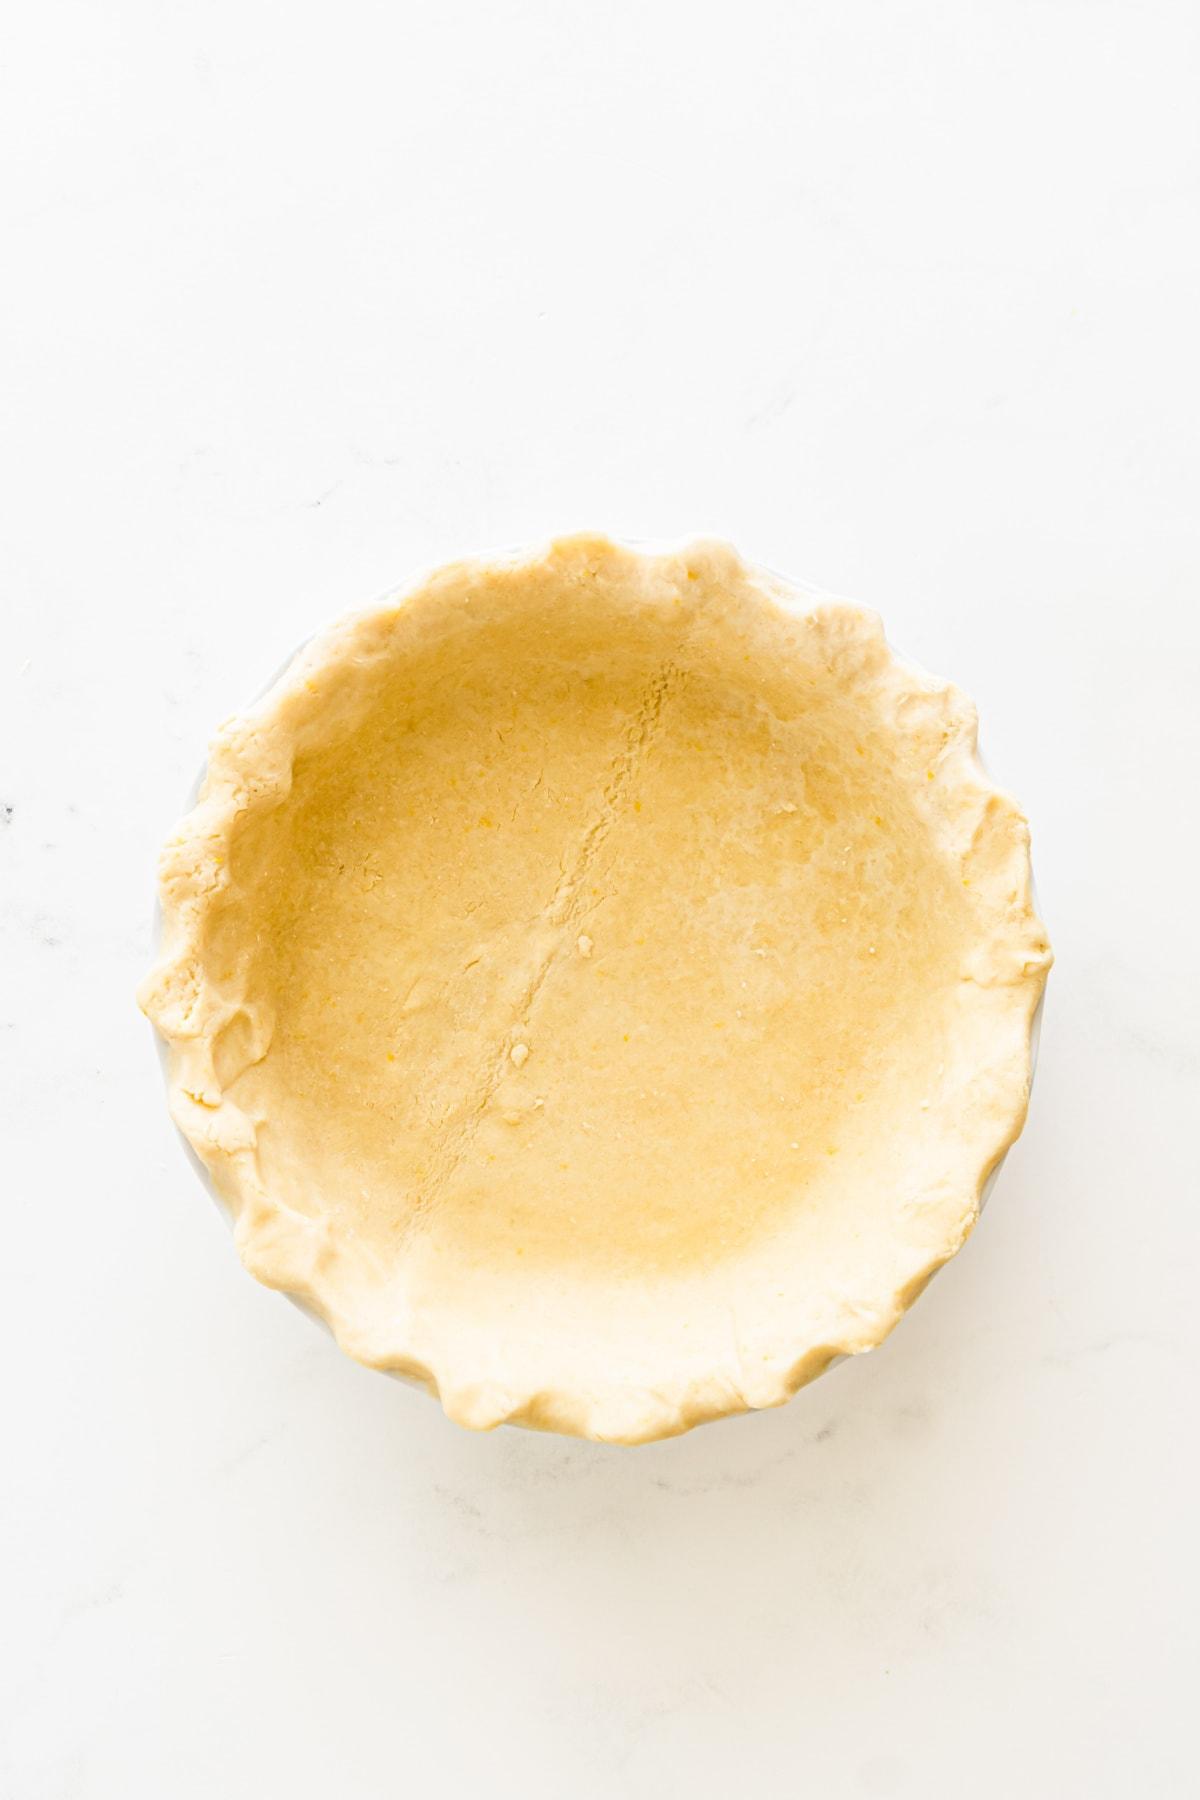 Pie dough in a glass pie pan